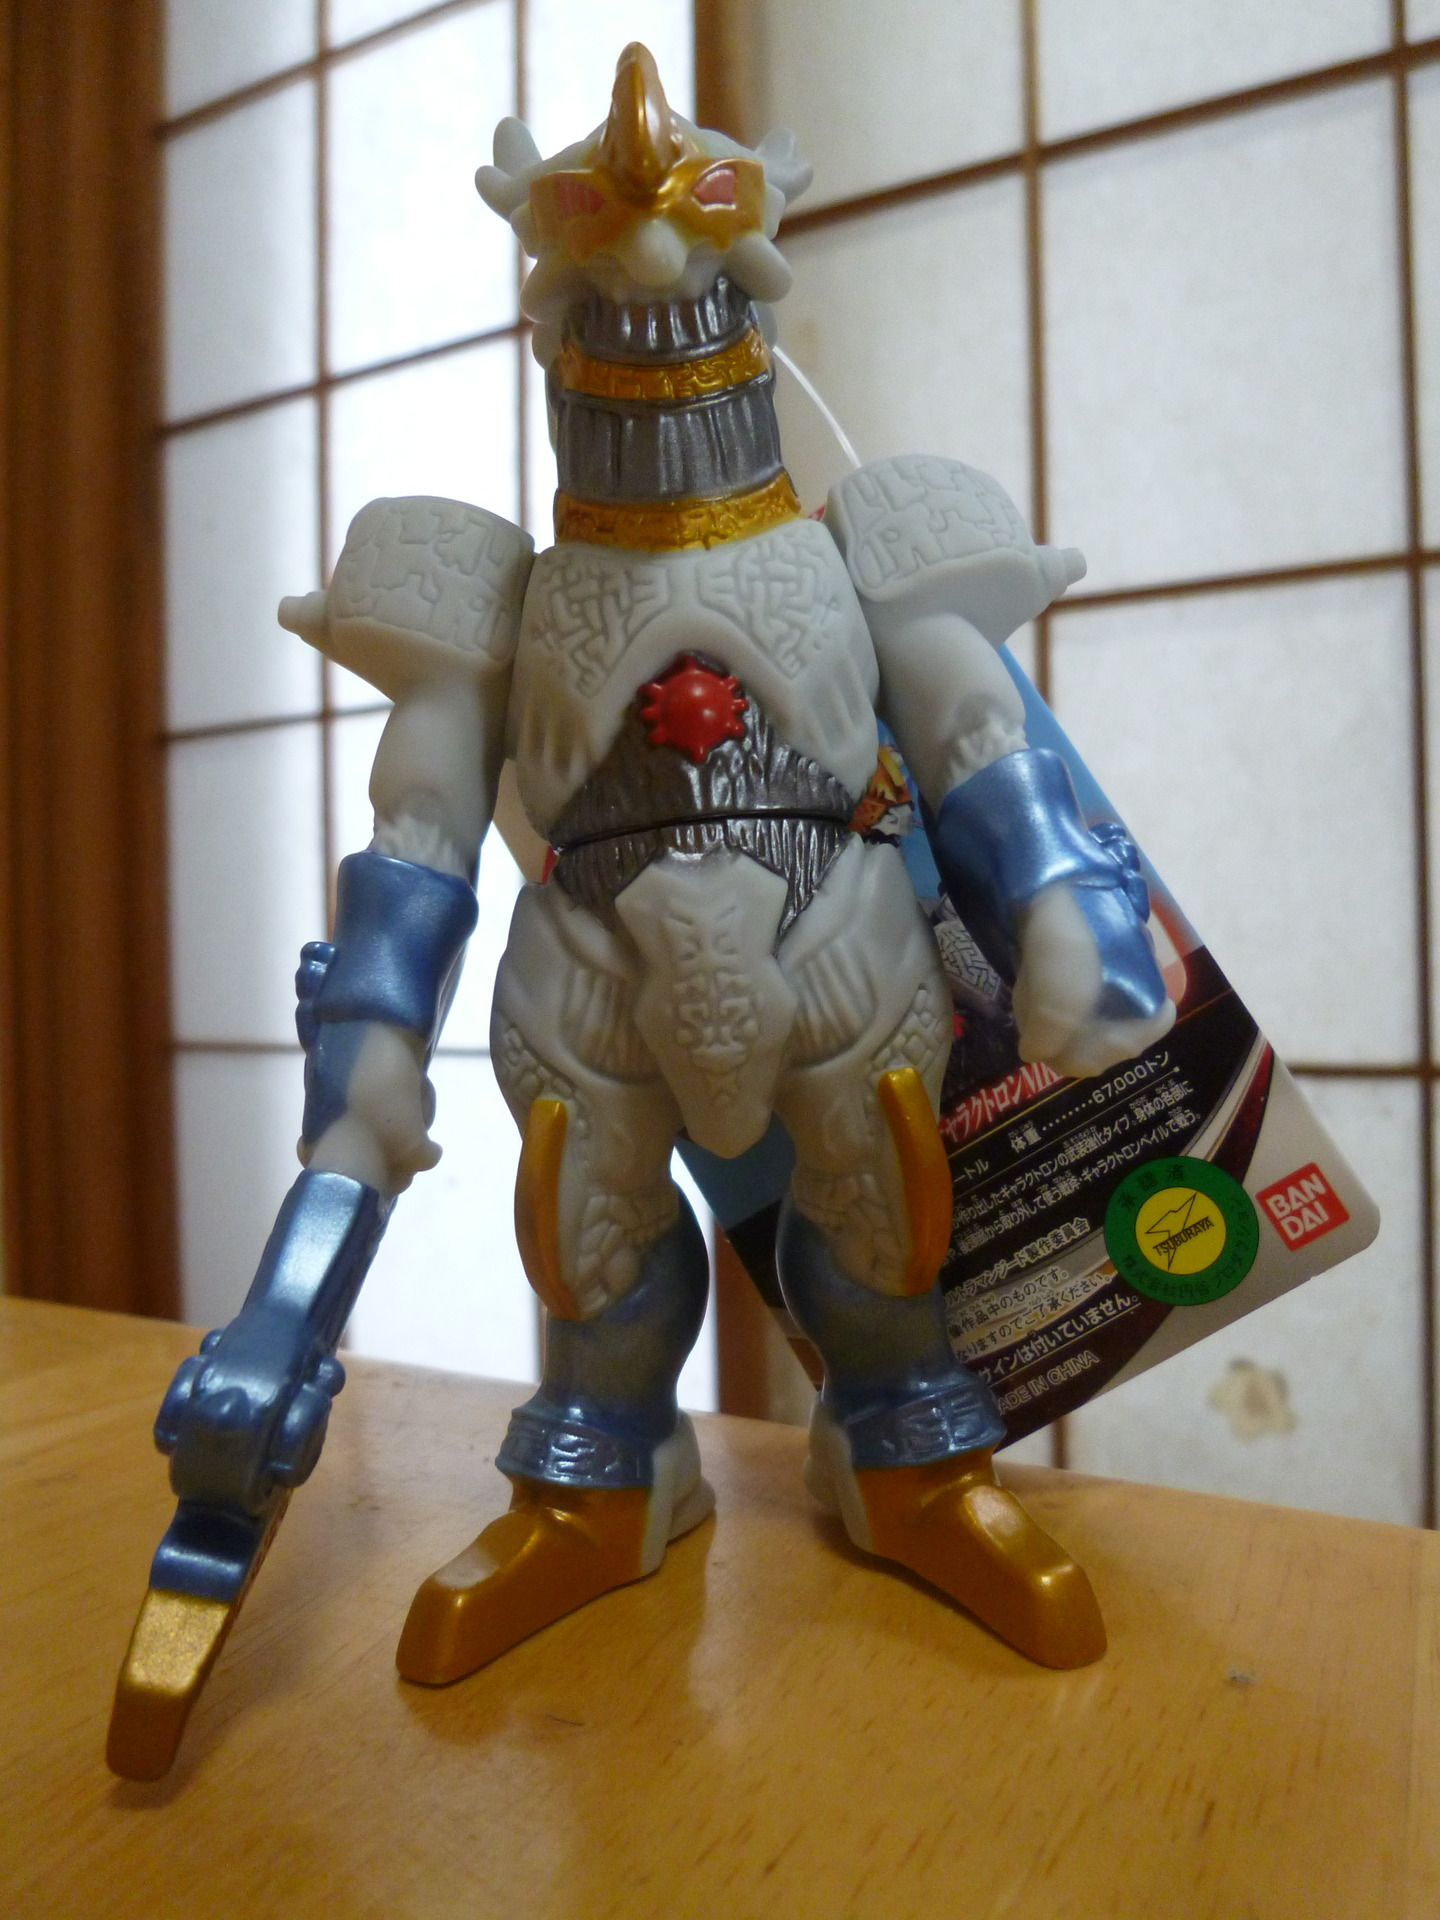 ギャラクトロンmk2のソフビ(galactron mk2 toy)